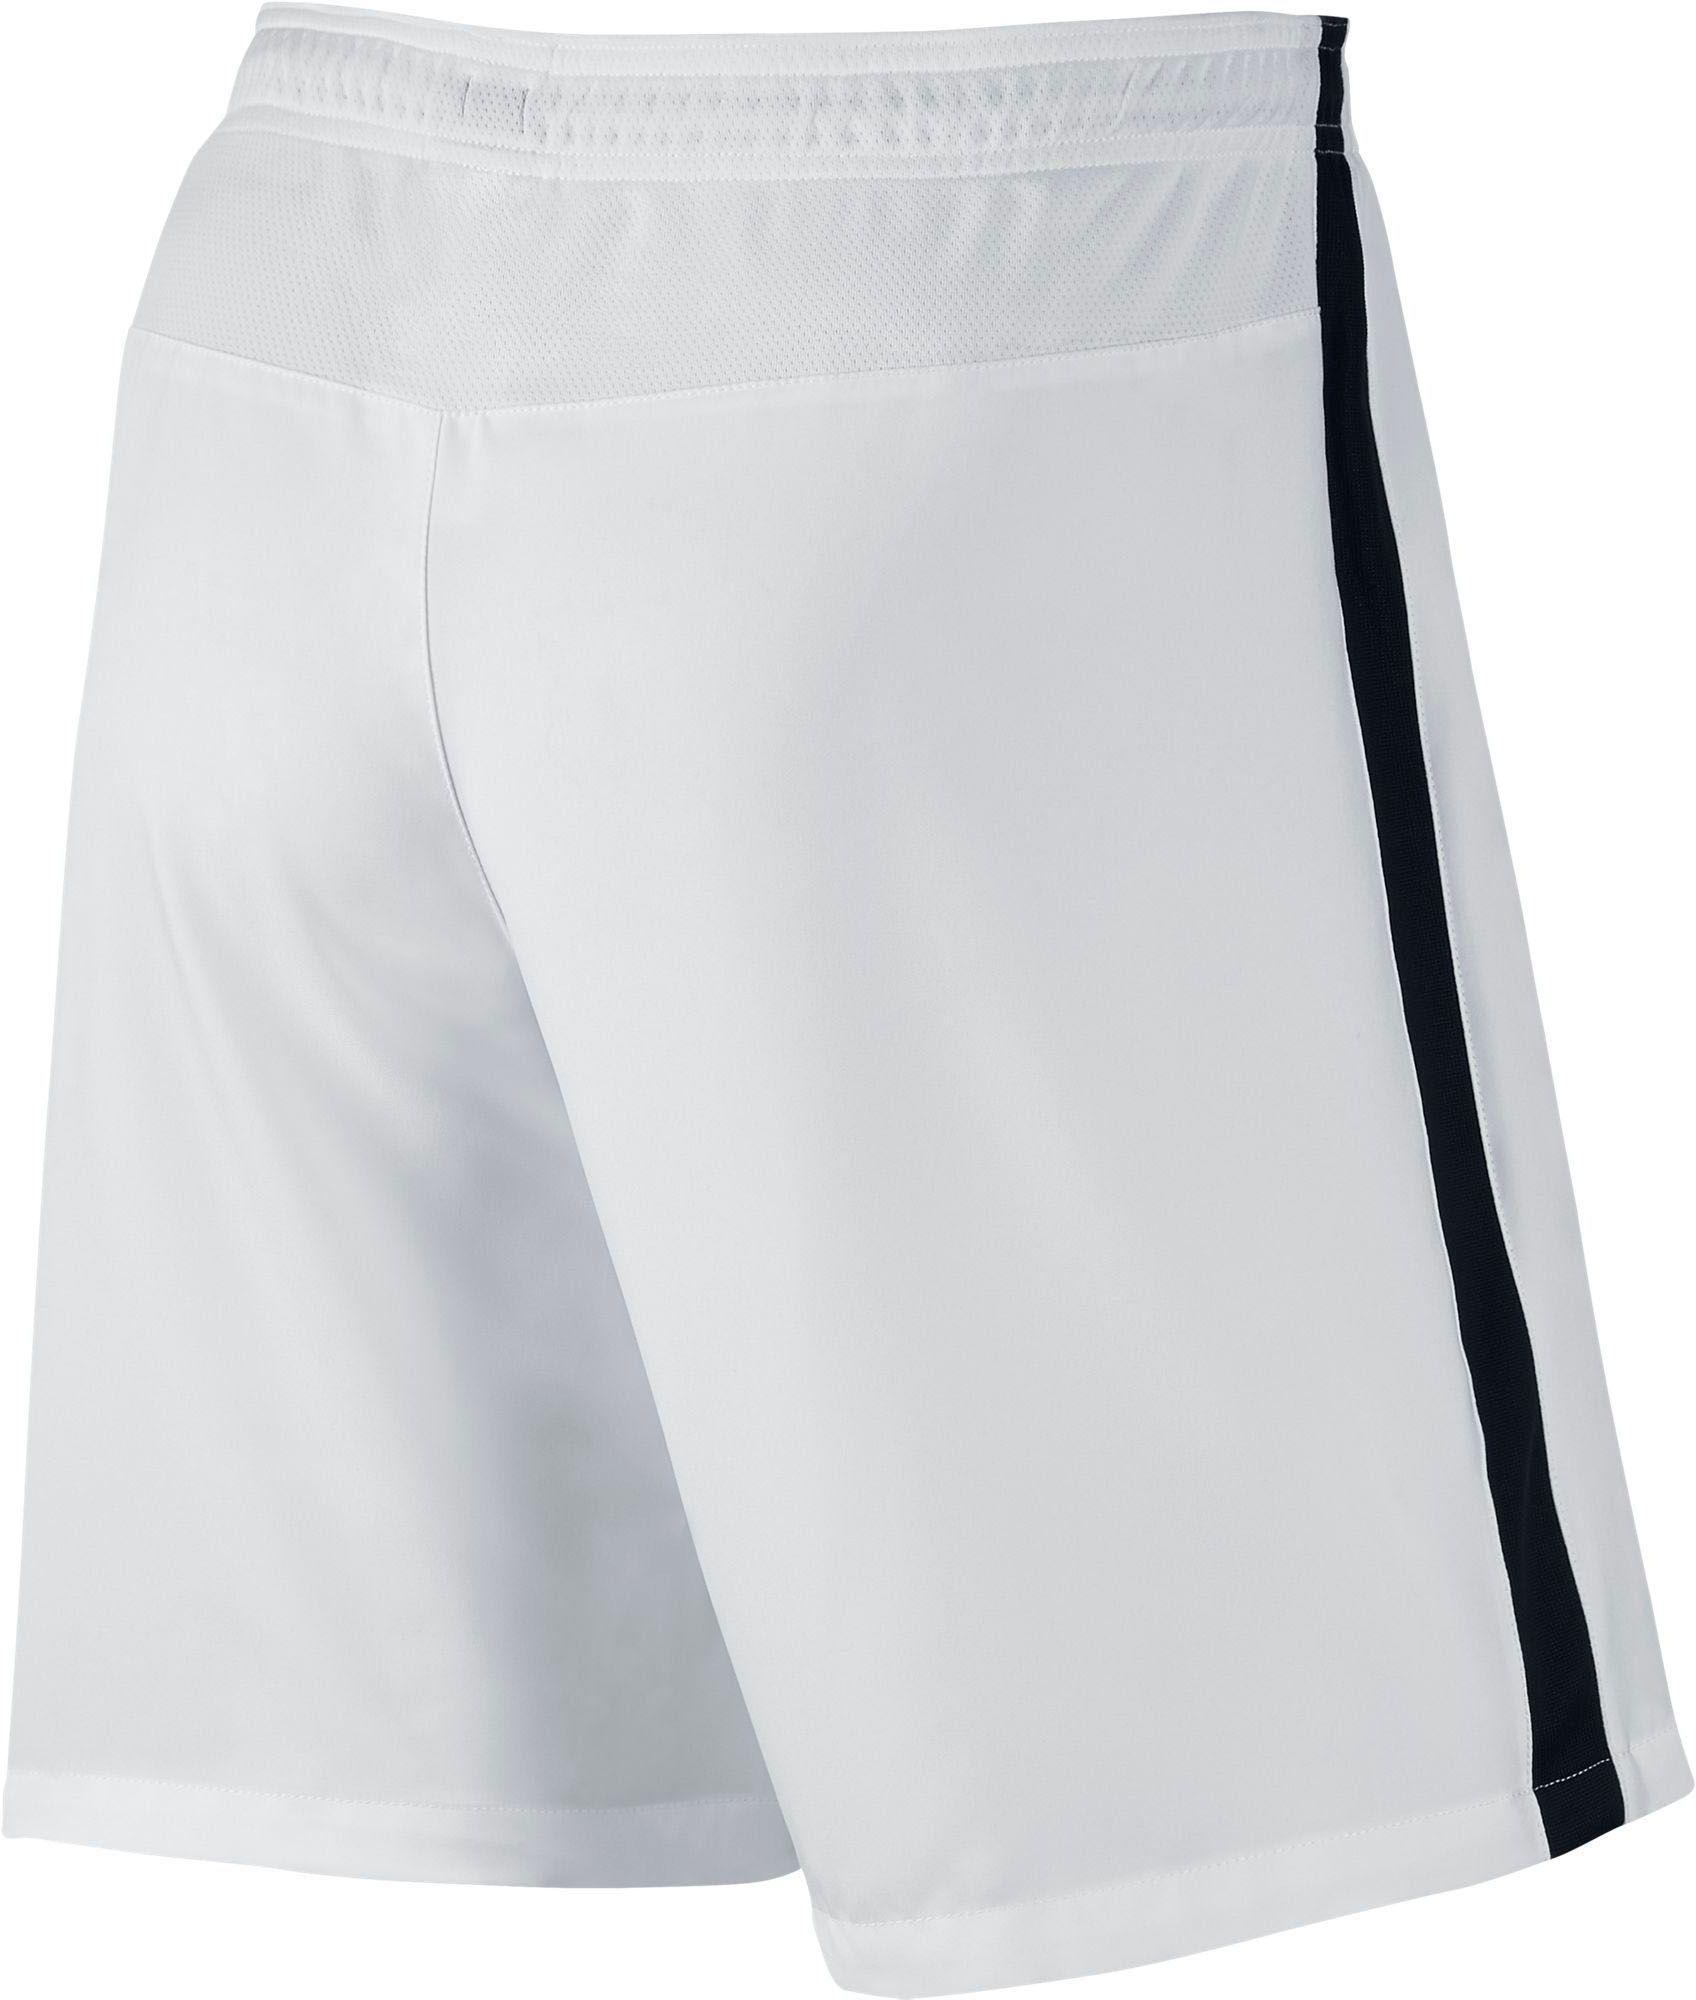 8c283512 Nike White Dry Squad Dri-fit Football Shorts for men